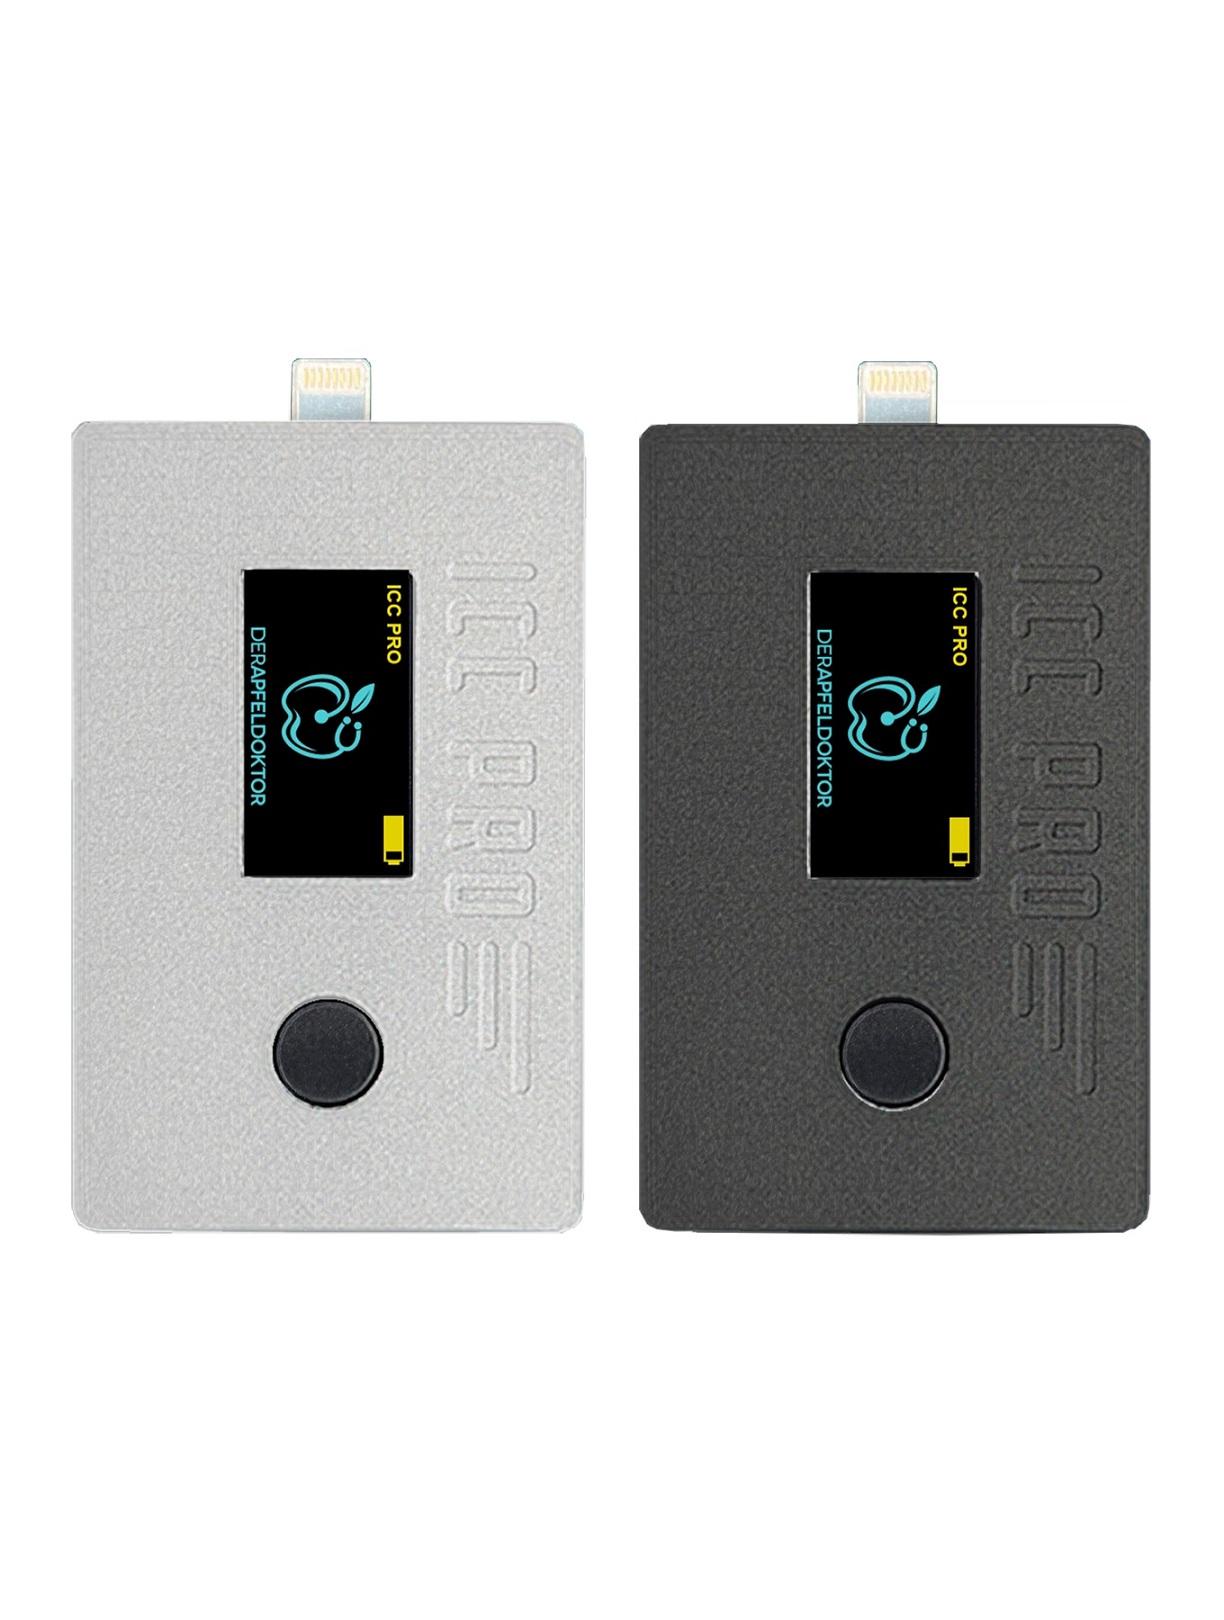 Icc pro v2 diagnóstico rápido e fácil de um iPhone ou iPad com porta Lightning e Tristar / Hydra IC